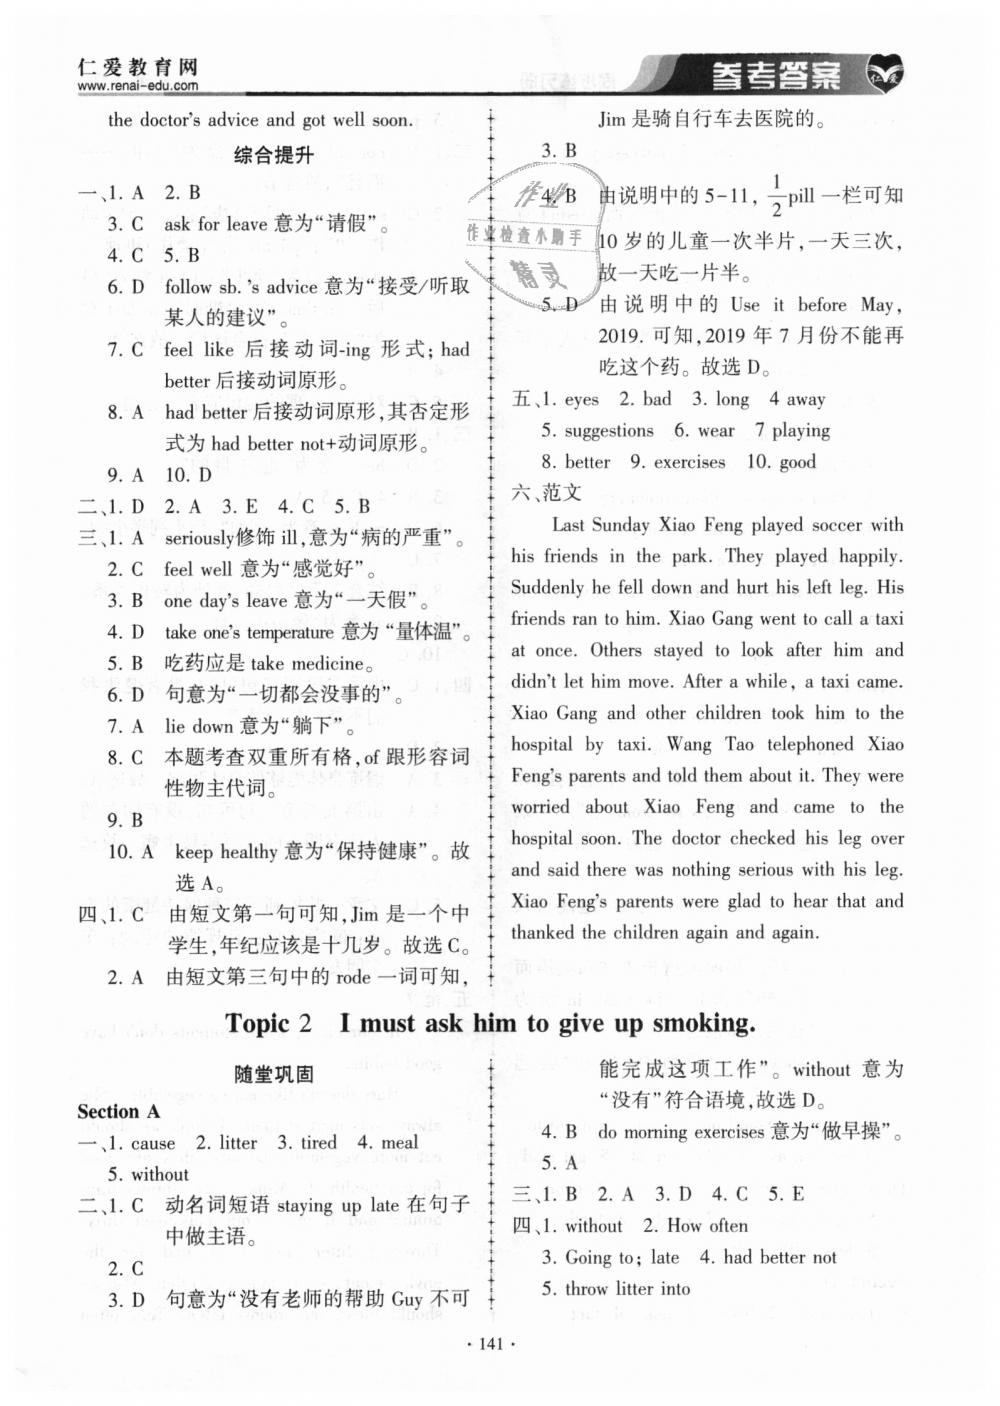 2018年仁爱英语同步练习册八年级上册E第11页